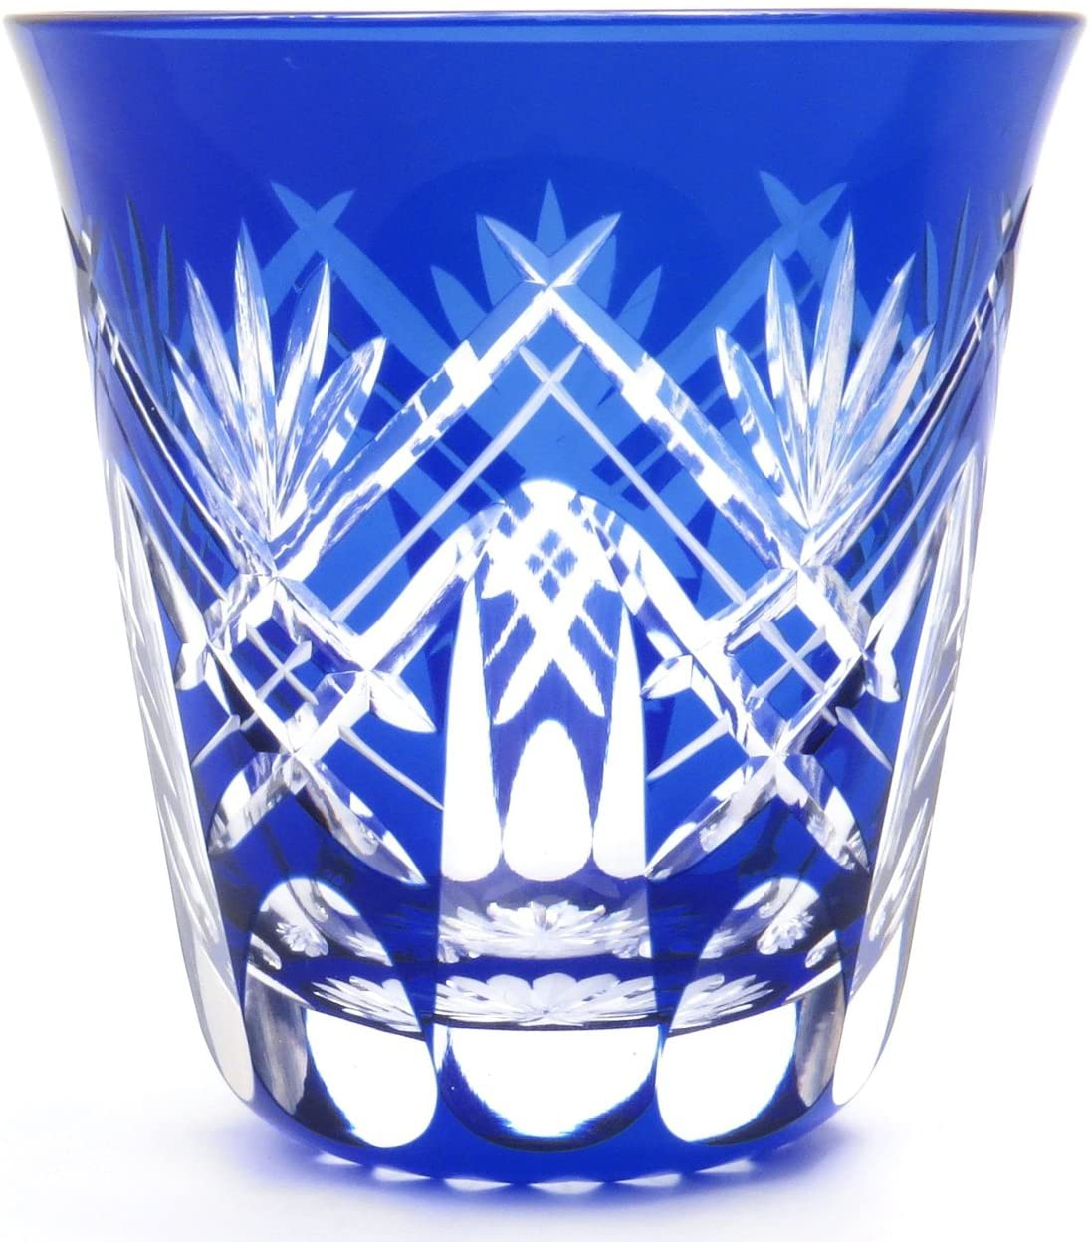 すみだ江戸切子館(すみだえどきりこかん)焼酎グラス (化粧箱入) 重ね剣矢来 (藍) KY-44の商品画像2